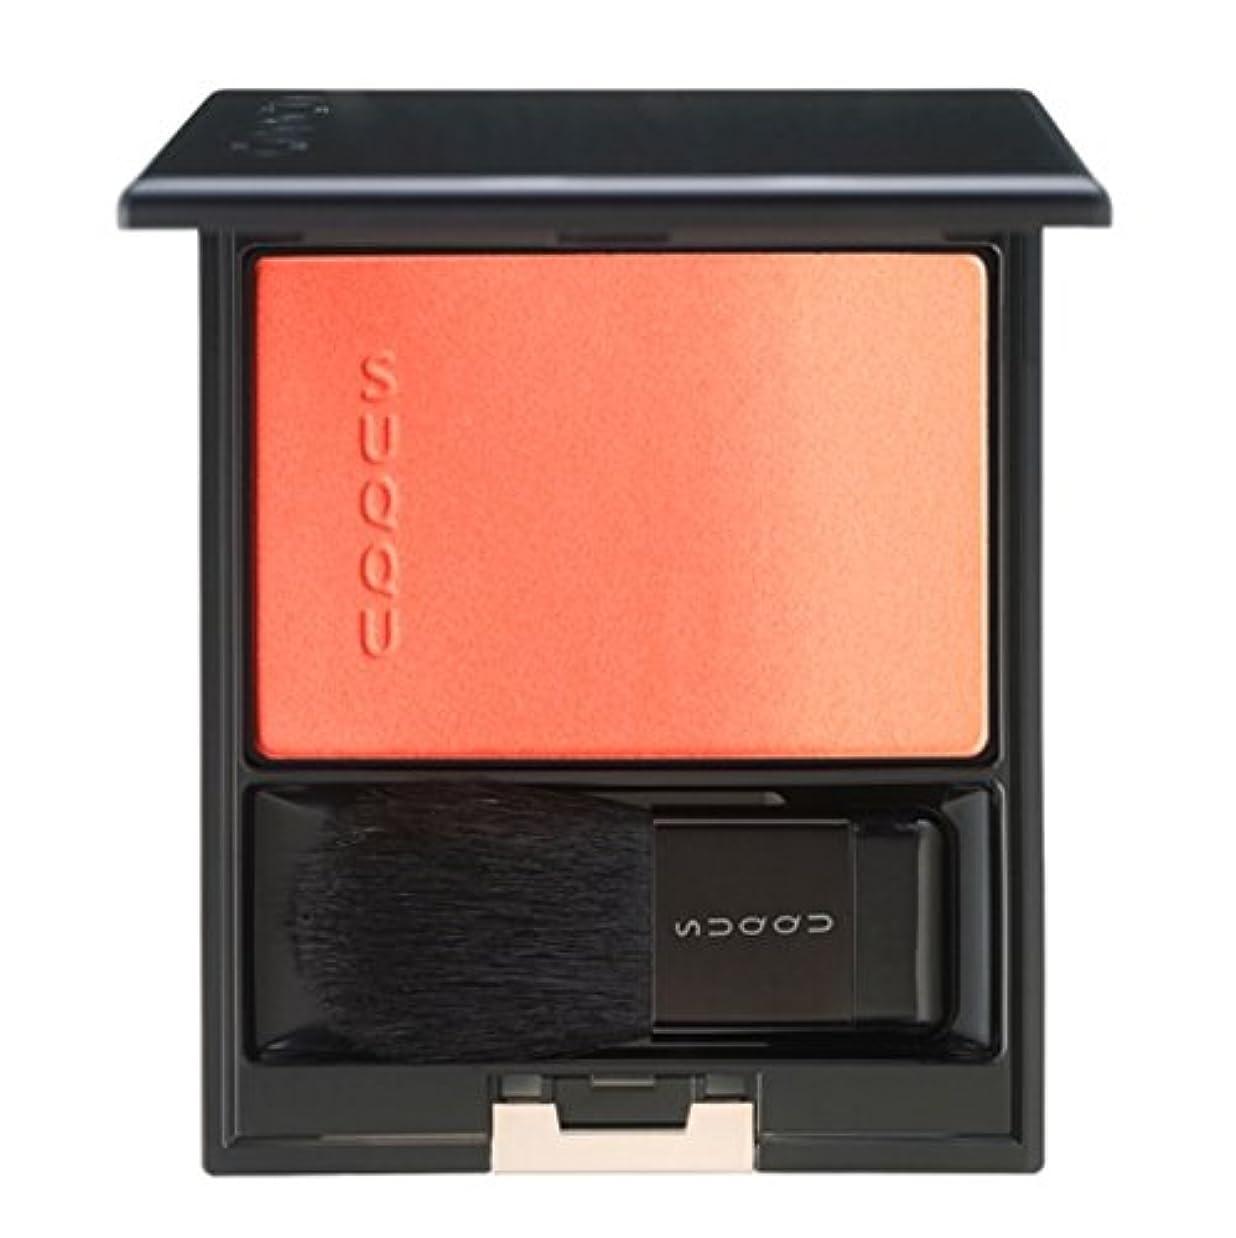 お誕生日静けさ広告するSUQQU スック ピュア カラー ブラッシュ #08 桃橙 -MOMODAIDAI